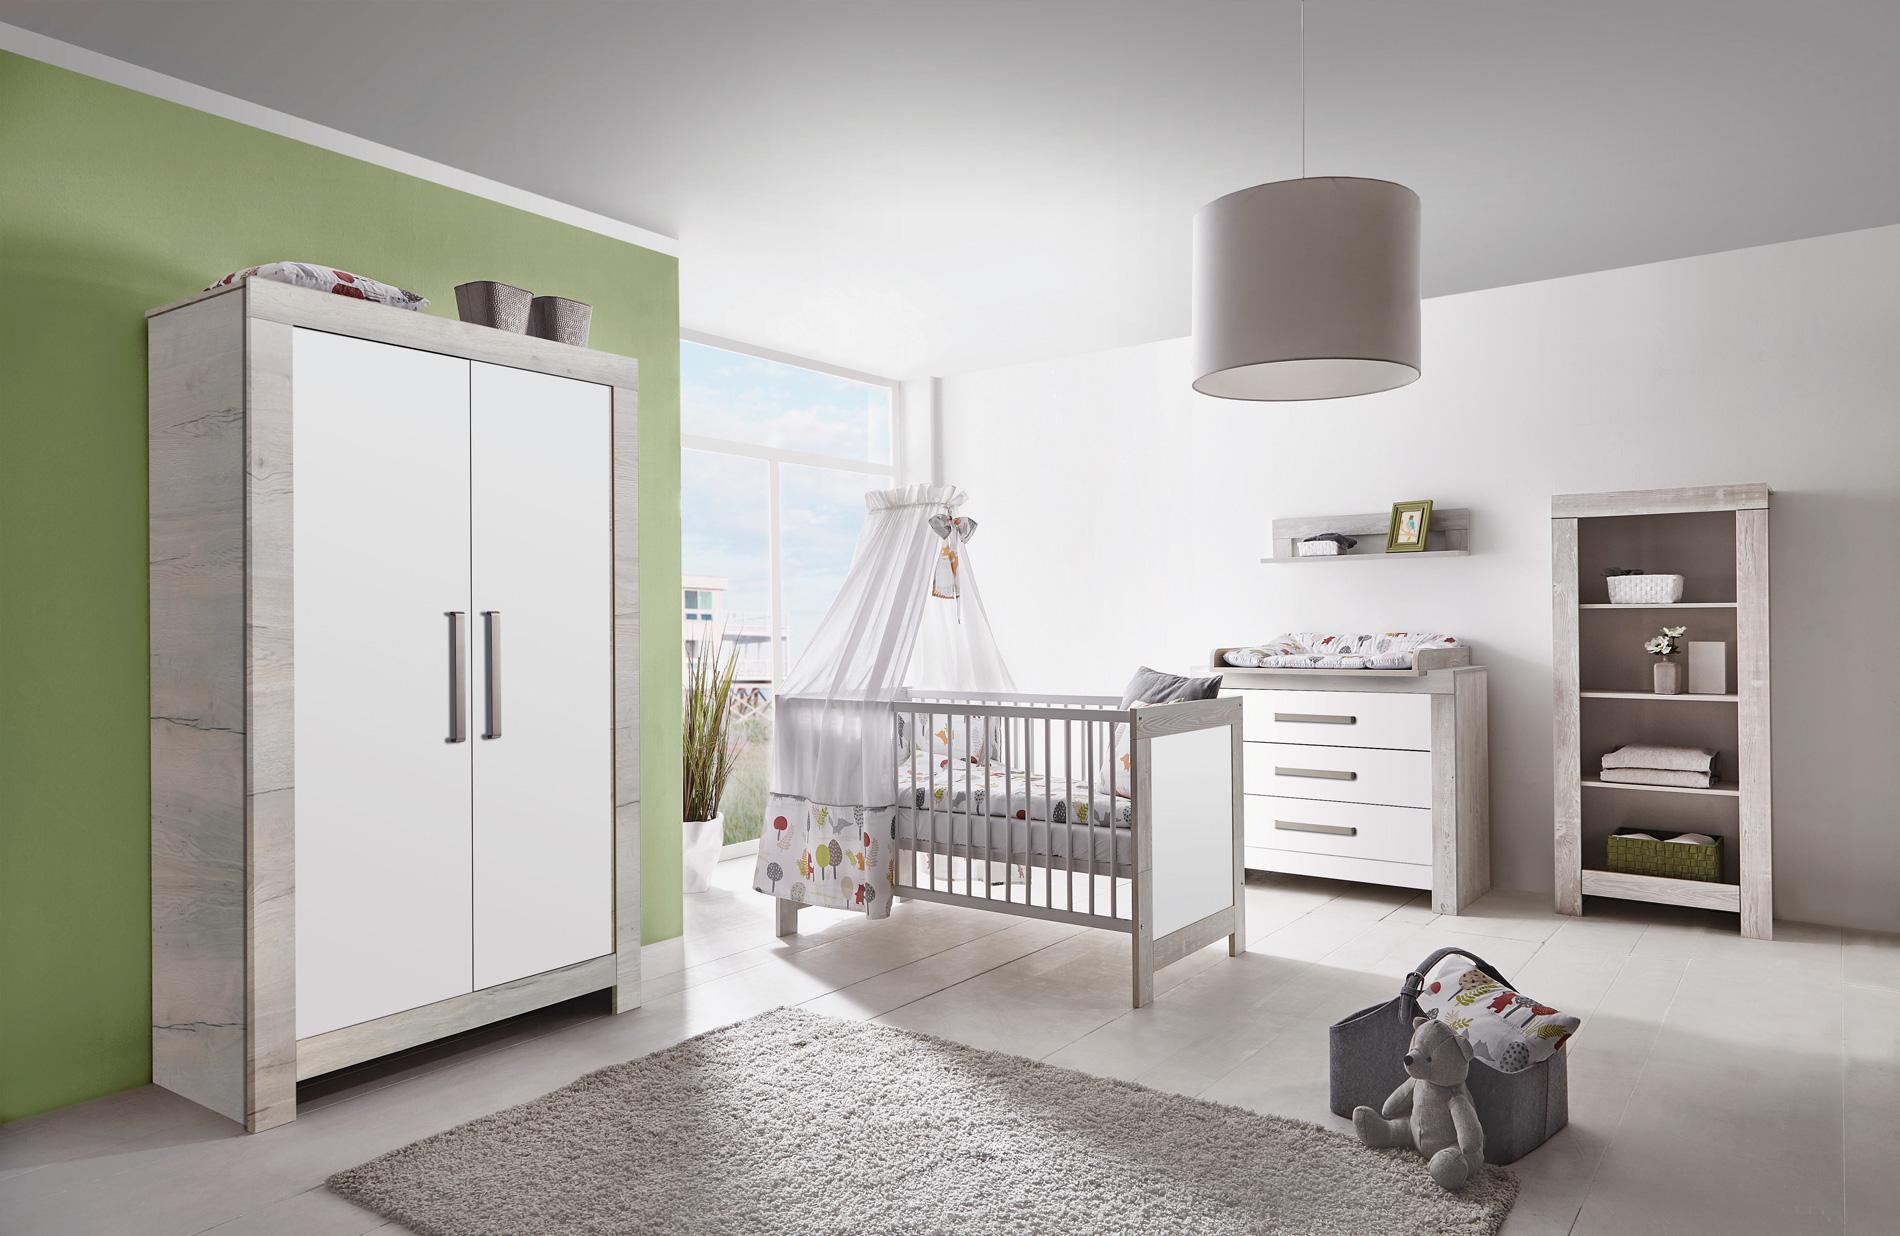 Kinderzimmer design for Bemerkenswert ideen kinderzimmer